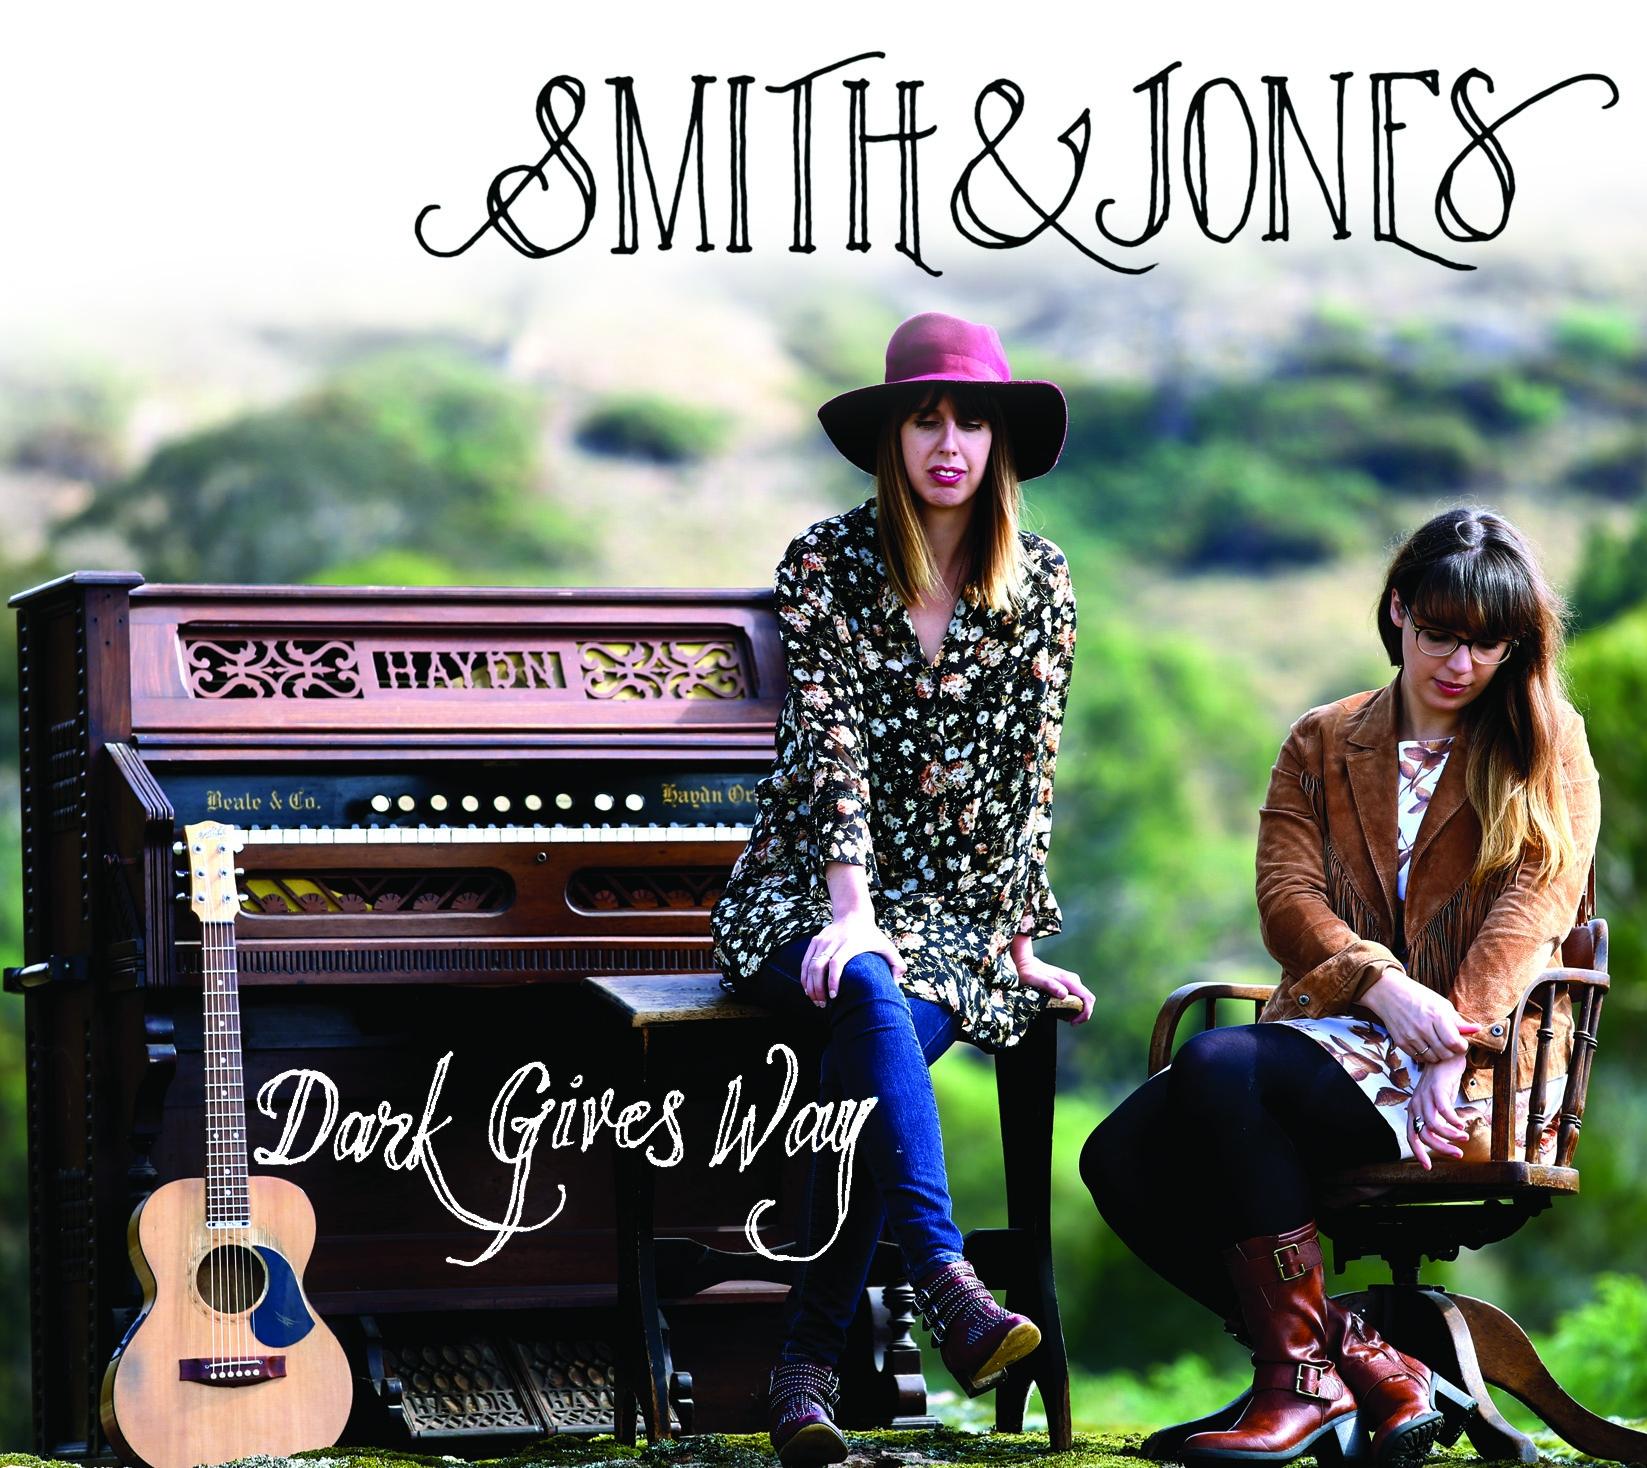 Smith & Jones Album Launch